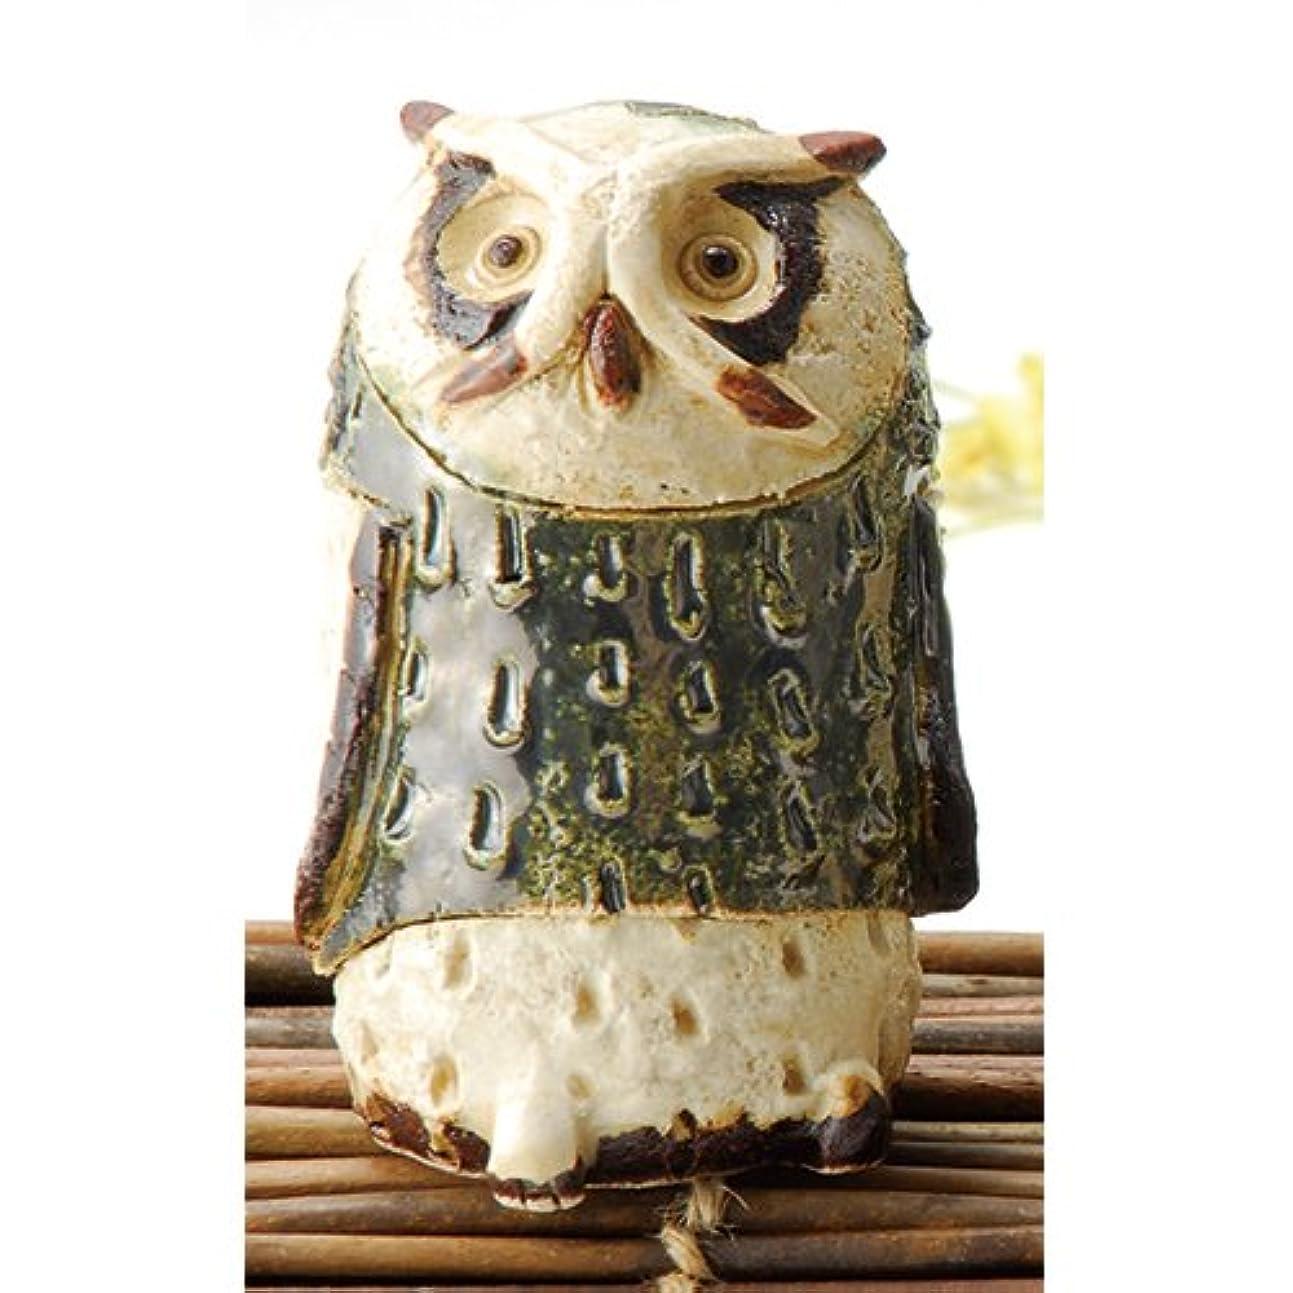 羊のまたね導出香炉 白萩 フクロウ 香炉(大) [H11cm] HANDMADE プレゼント ギフト 和食器 かわいい インテリア